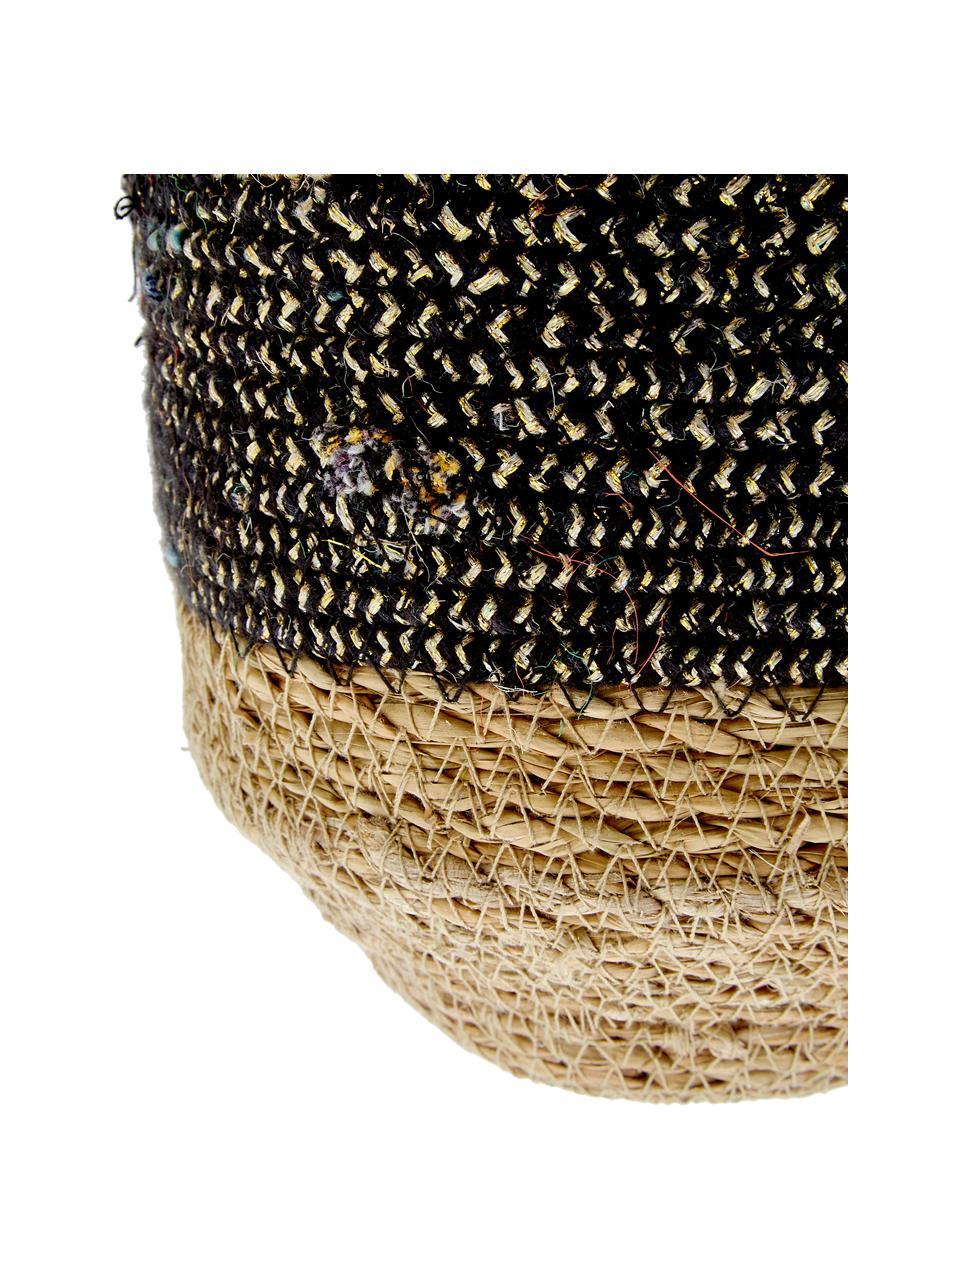 Hängender Übertopf Osanippa aus Naturmaterialien, Hoglablätter, Braun, Schwarz, Ø 16 x H 80 cm